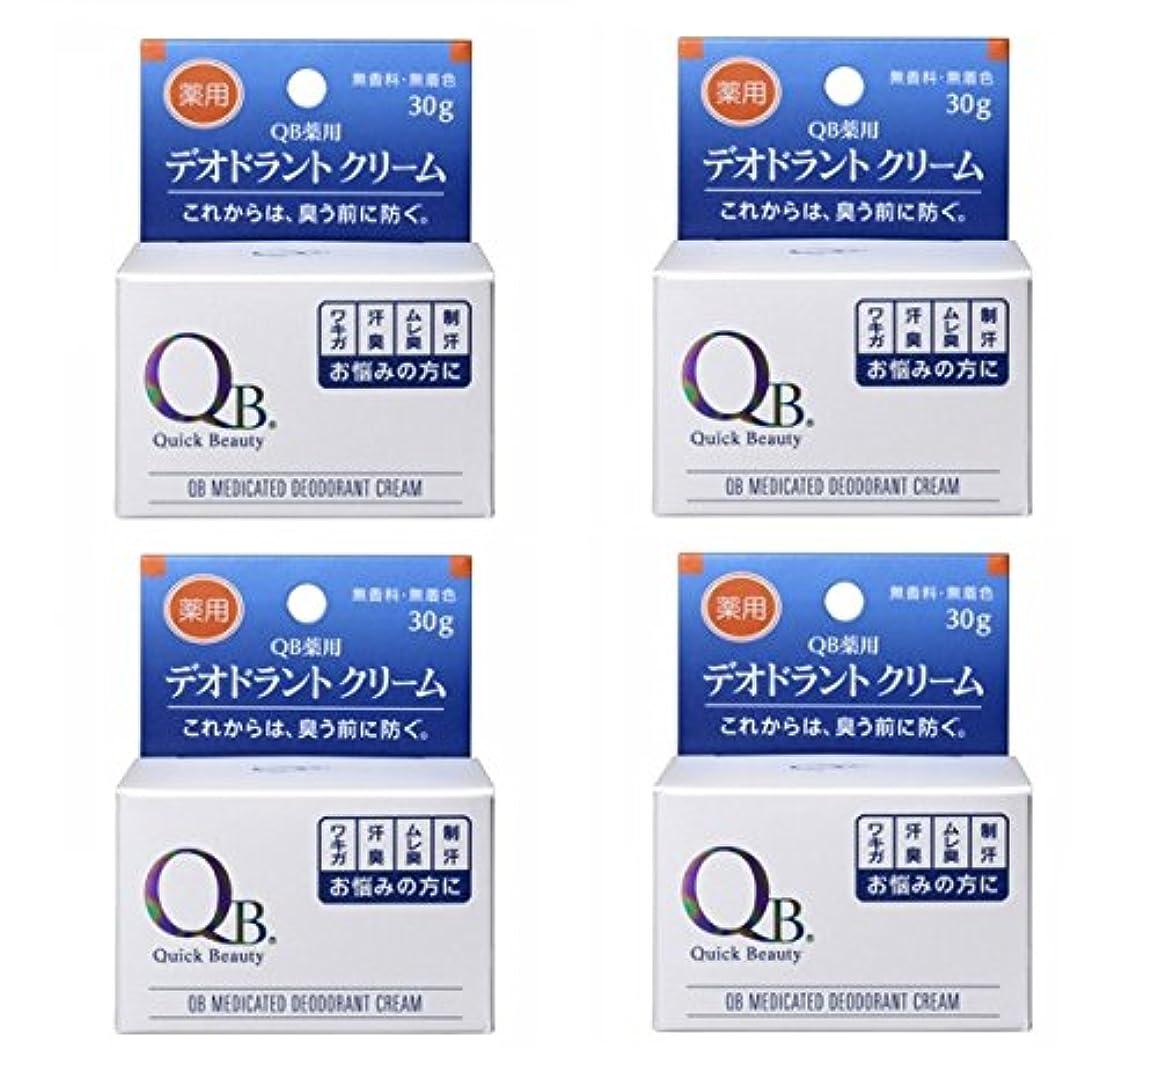 青写真監督するホテル【×4個】 QB 薬用デオドラントクリーム 30g 【国内正規品】